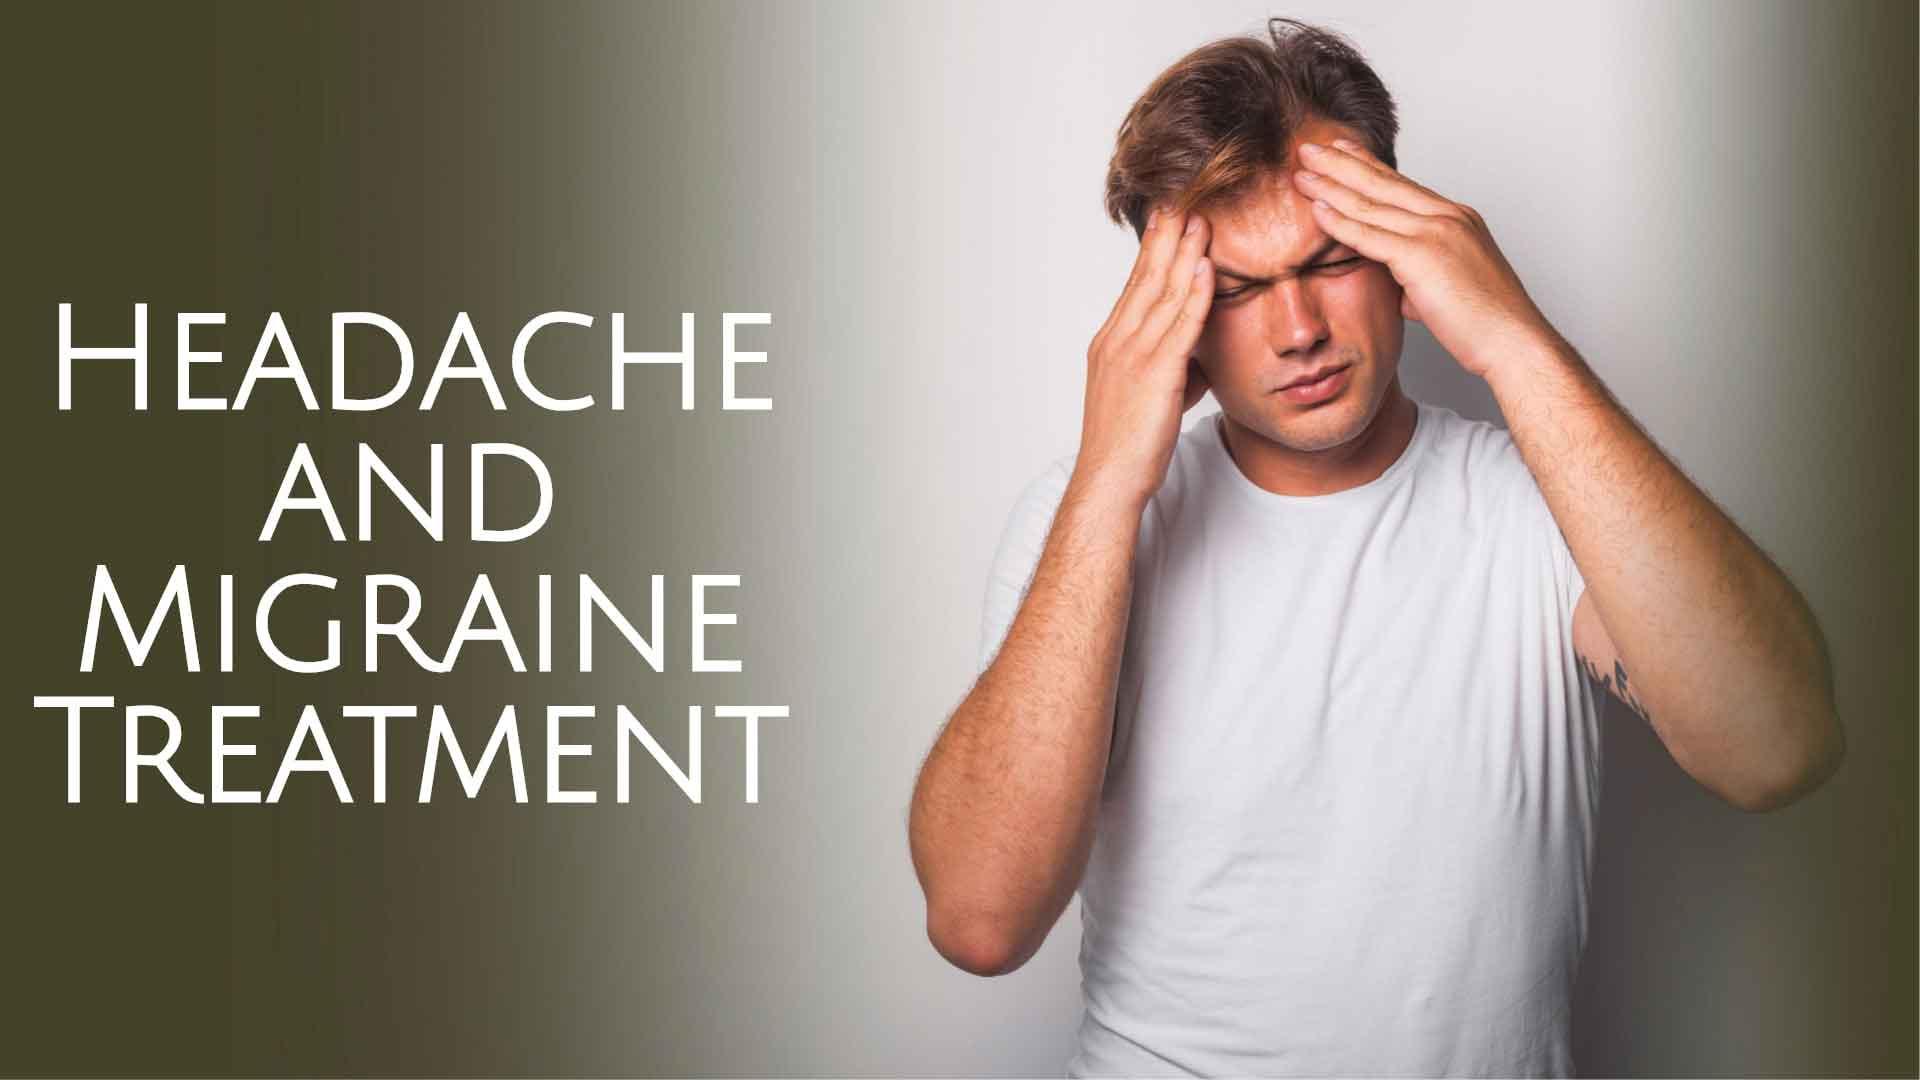 Headache and Migraine Treatment in Nagpur - Headache Doctor